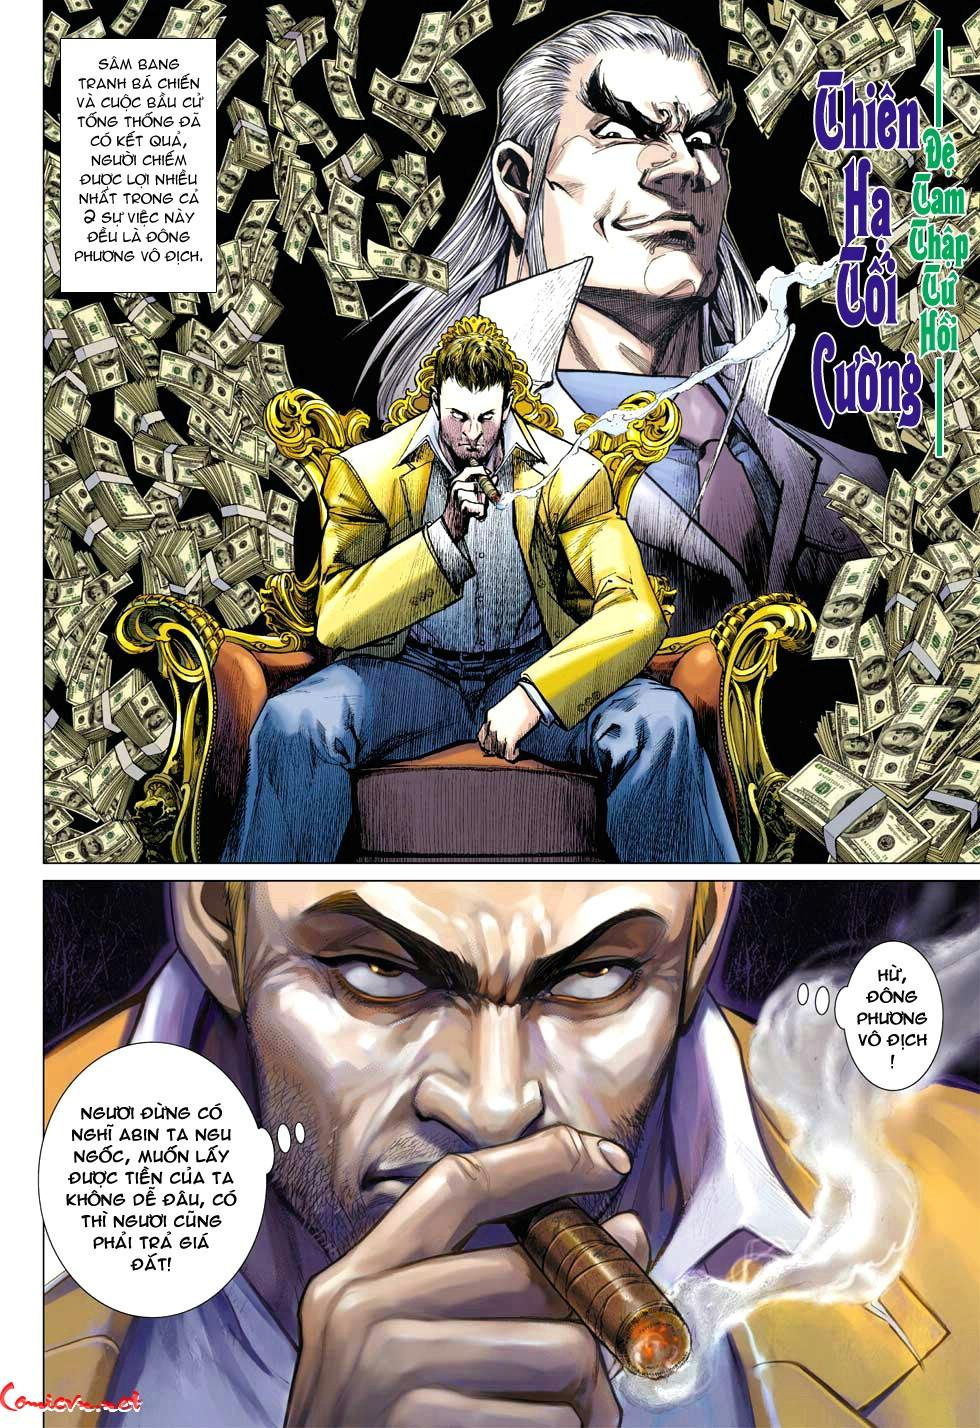 Vương Phong Lôi 1 chap 34 - Trang 2